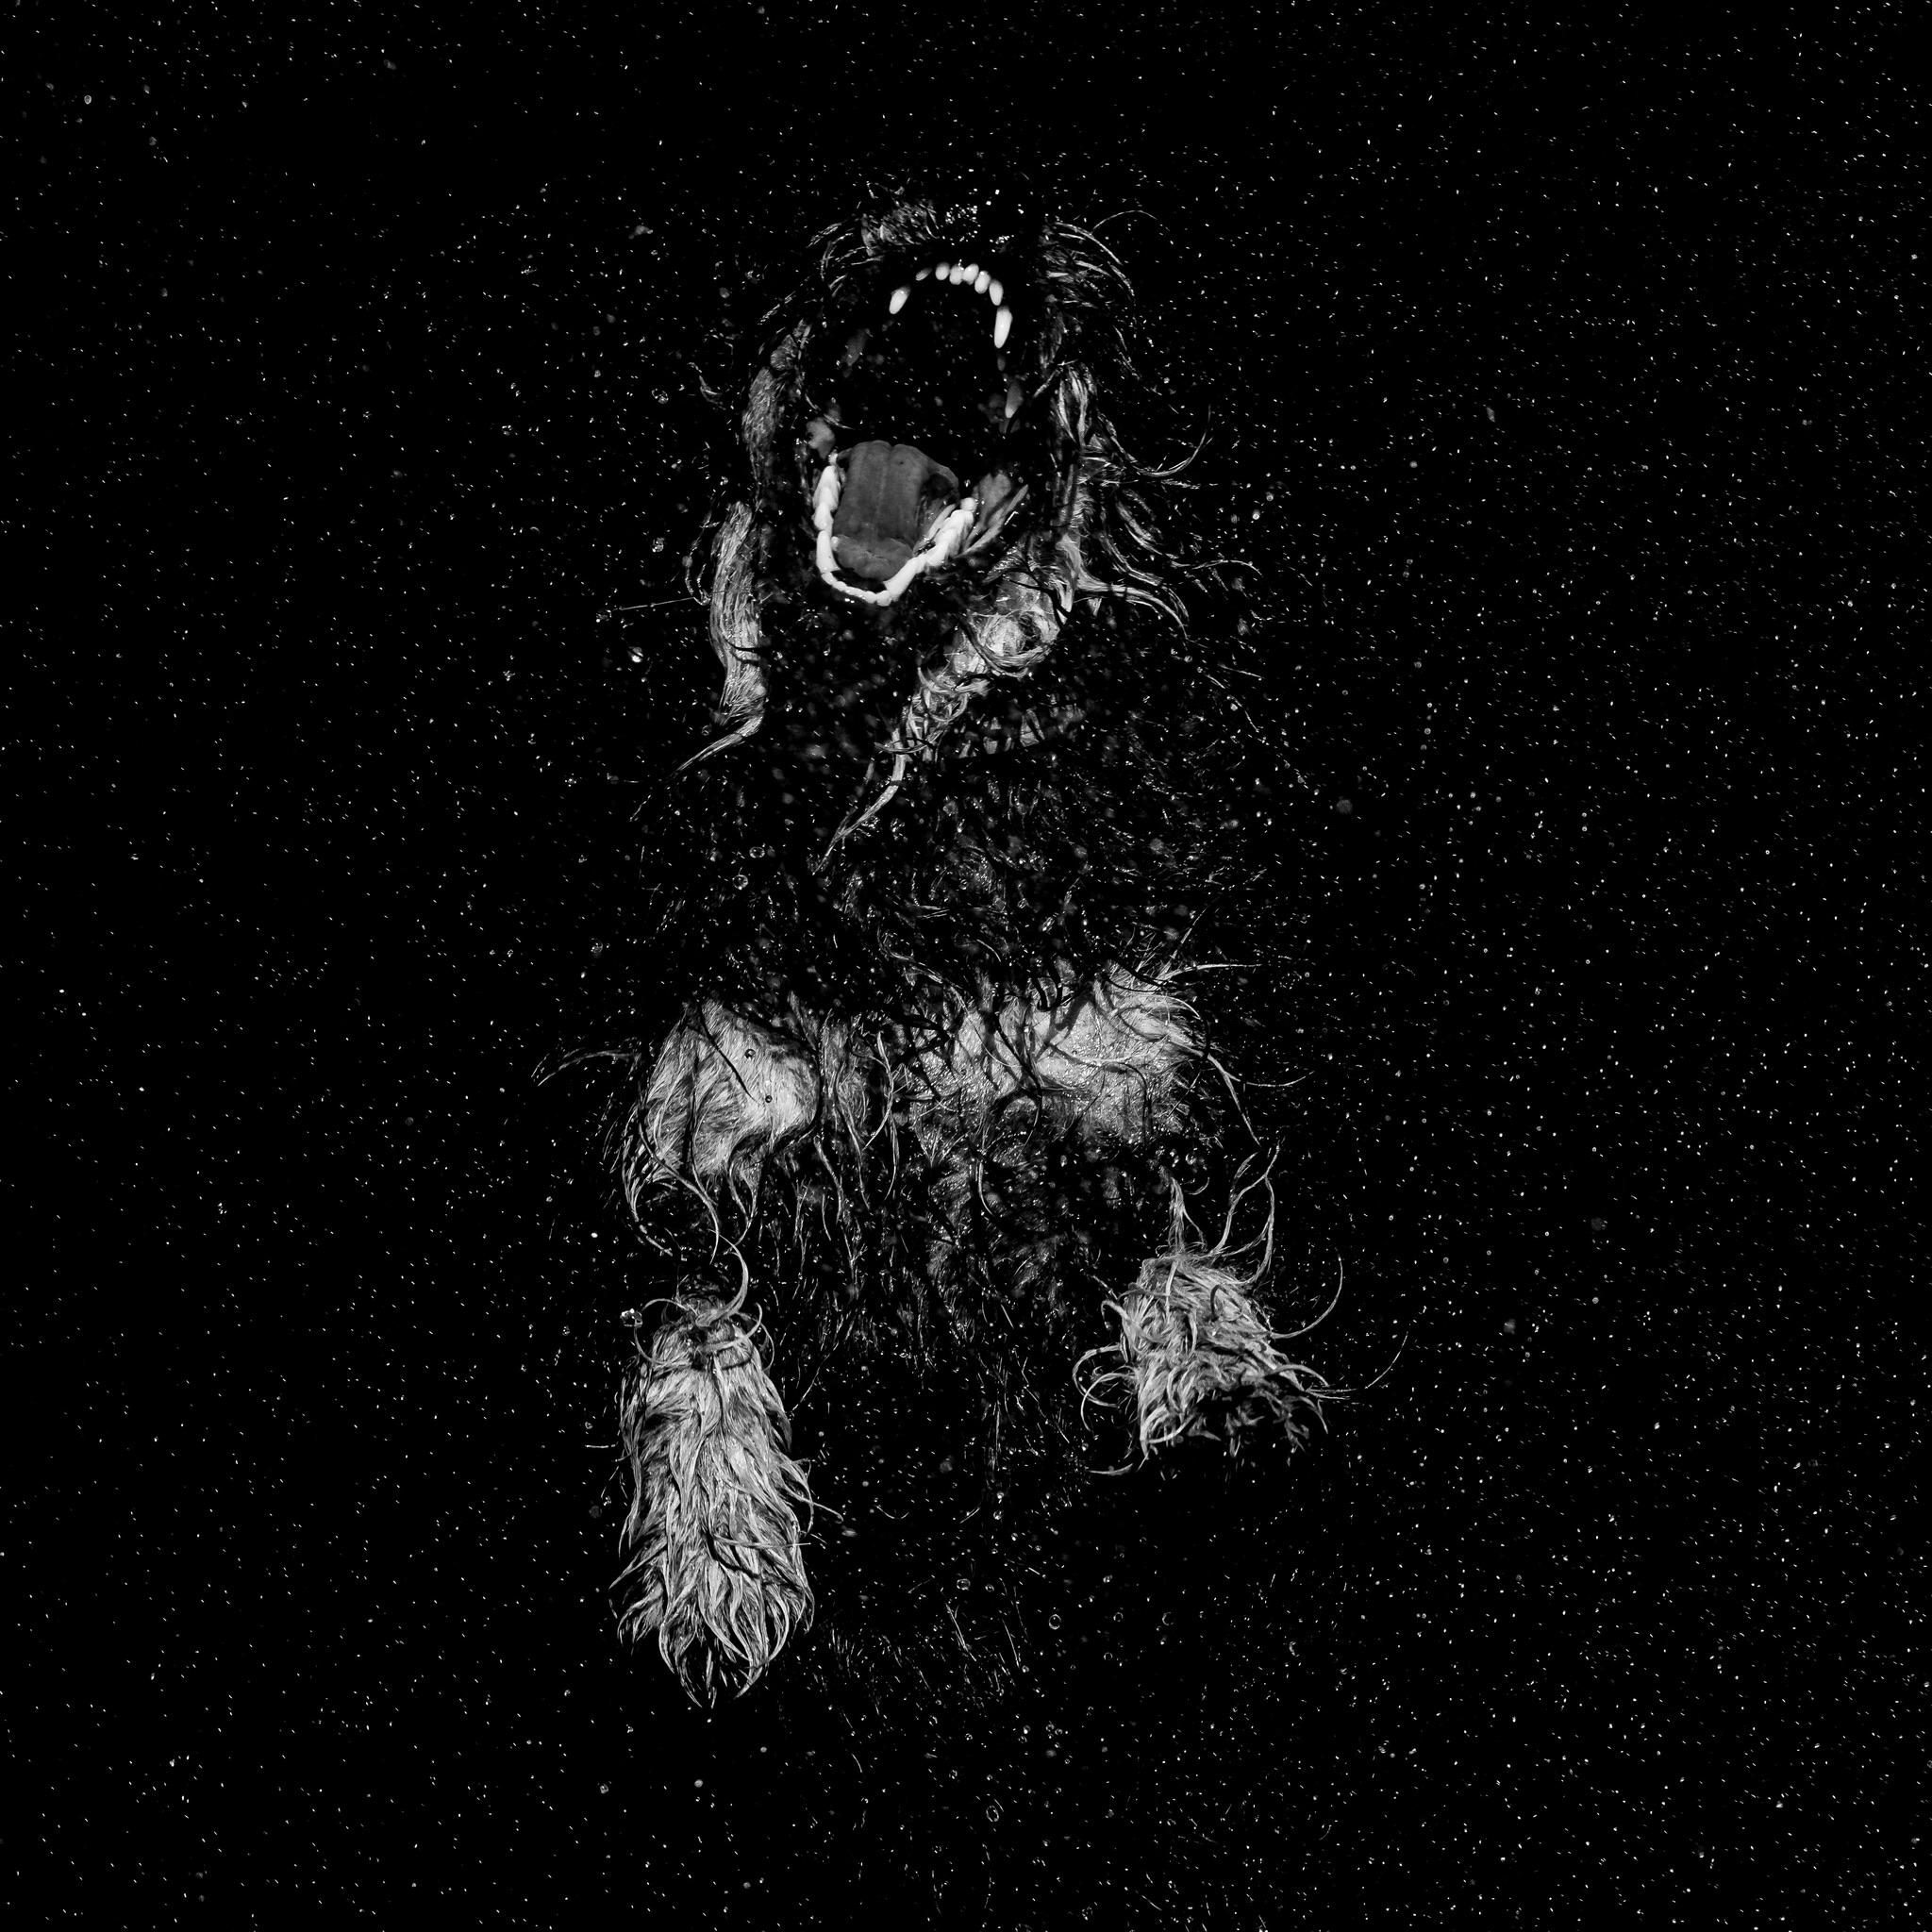 Hund springt im Spiel mit offenem Fang - schwarz weiß